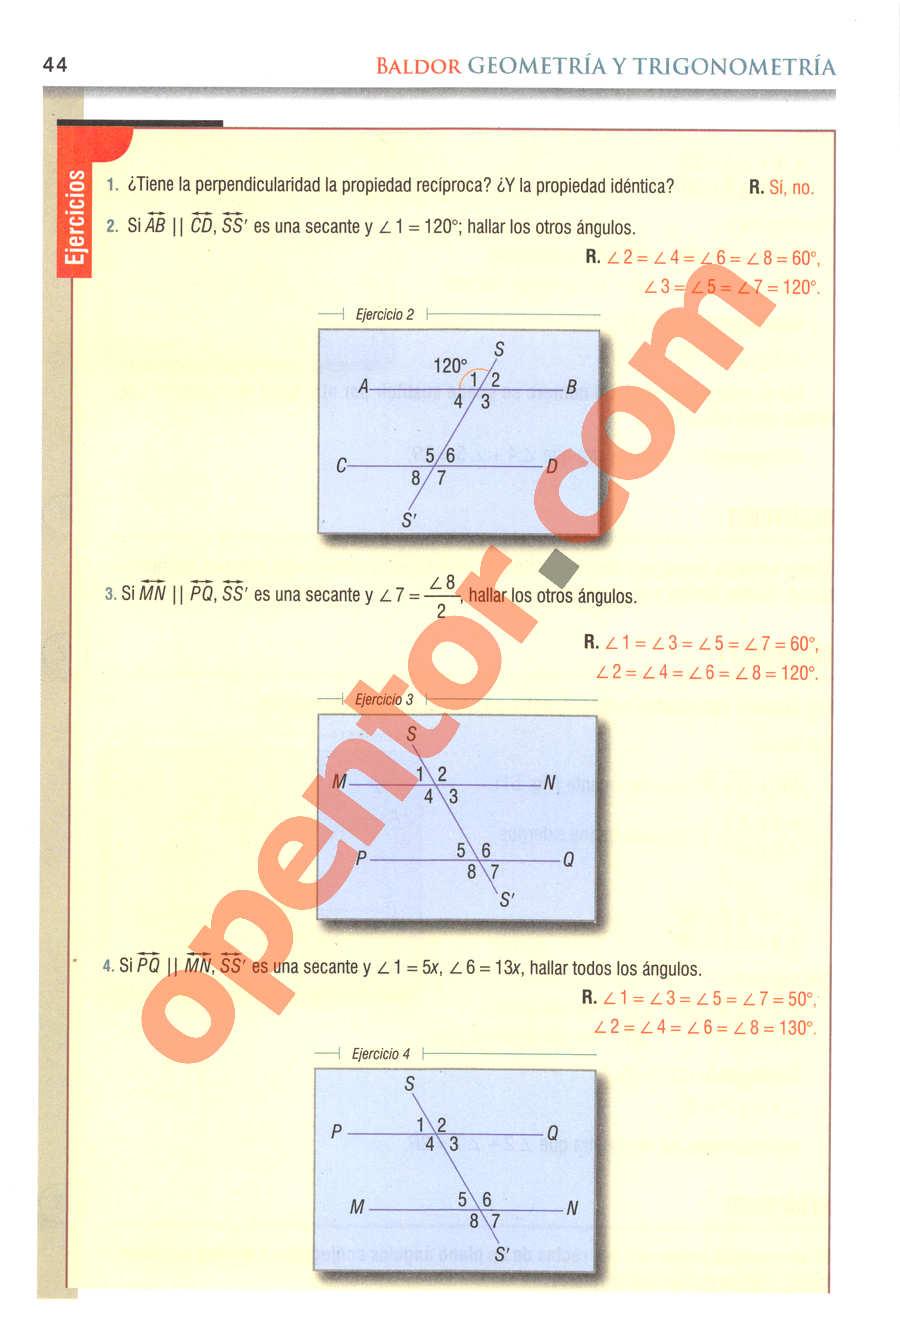 Geometría y Trigonometría de Baldor - Página 44